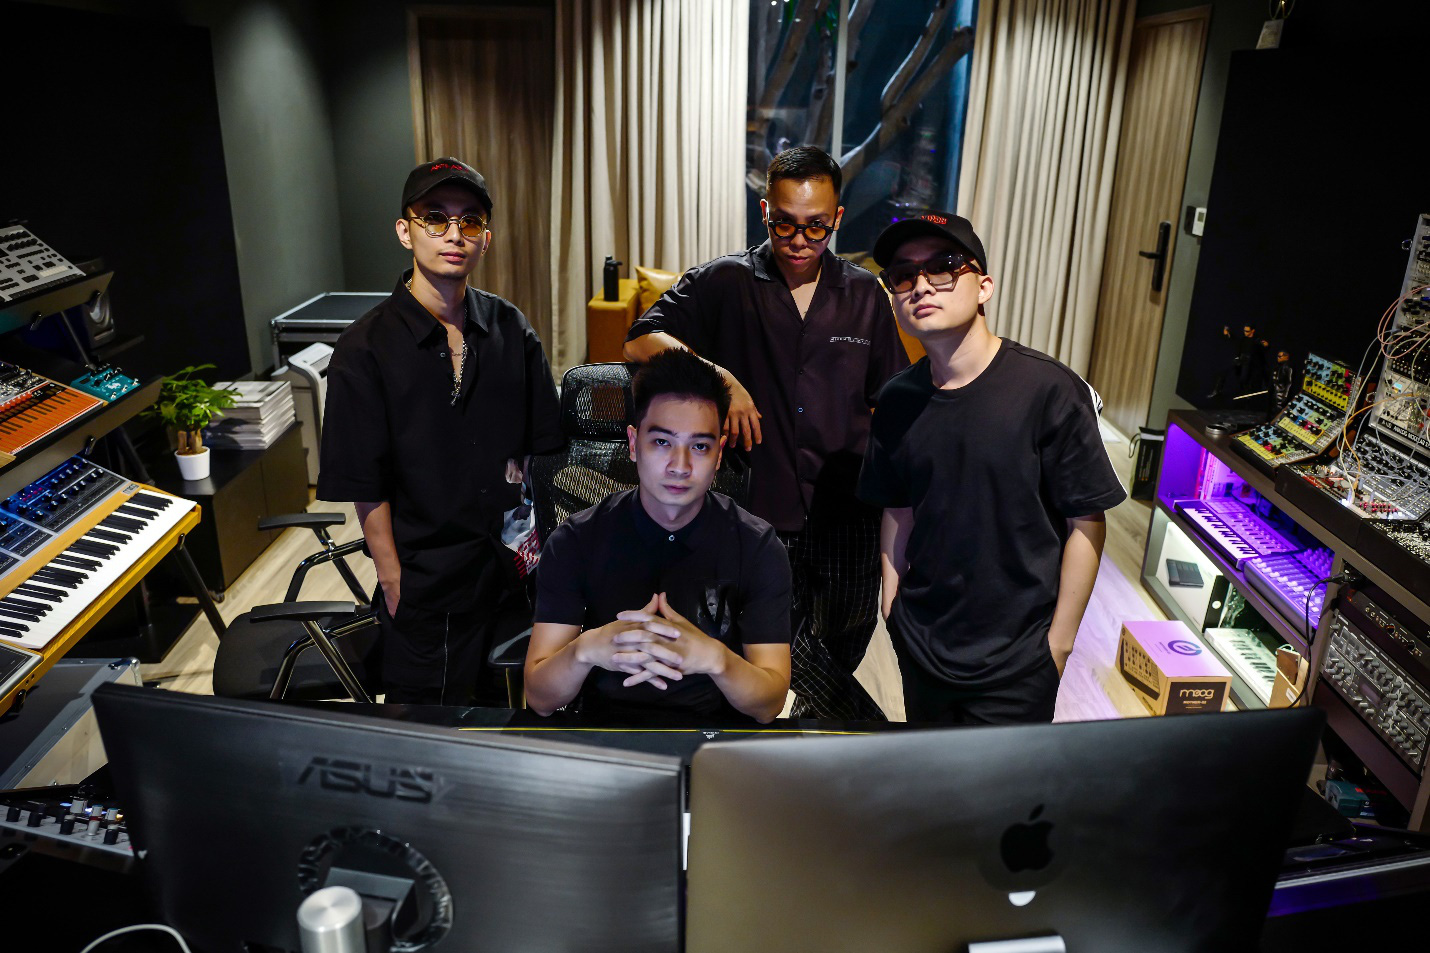 """Chỉ mới vòng casting, Rap Việt mùa 2 đã gây bão, liệu """"đế chế"""" SpaceSpeakers có tiếp tục tạo nên một mùa thi """"Ơ mây zing, gút chóp""""? - Ảnh 2."""